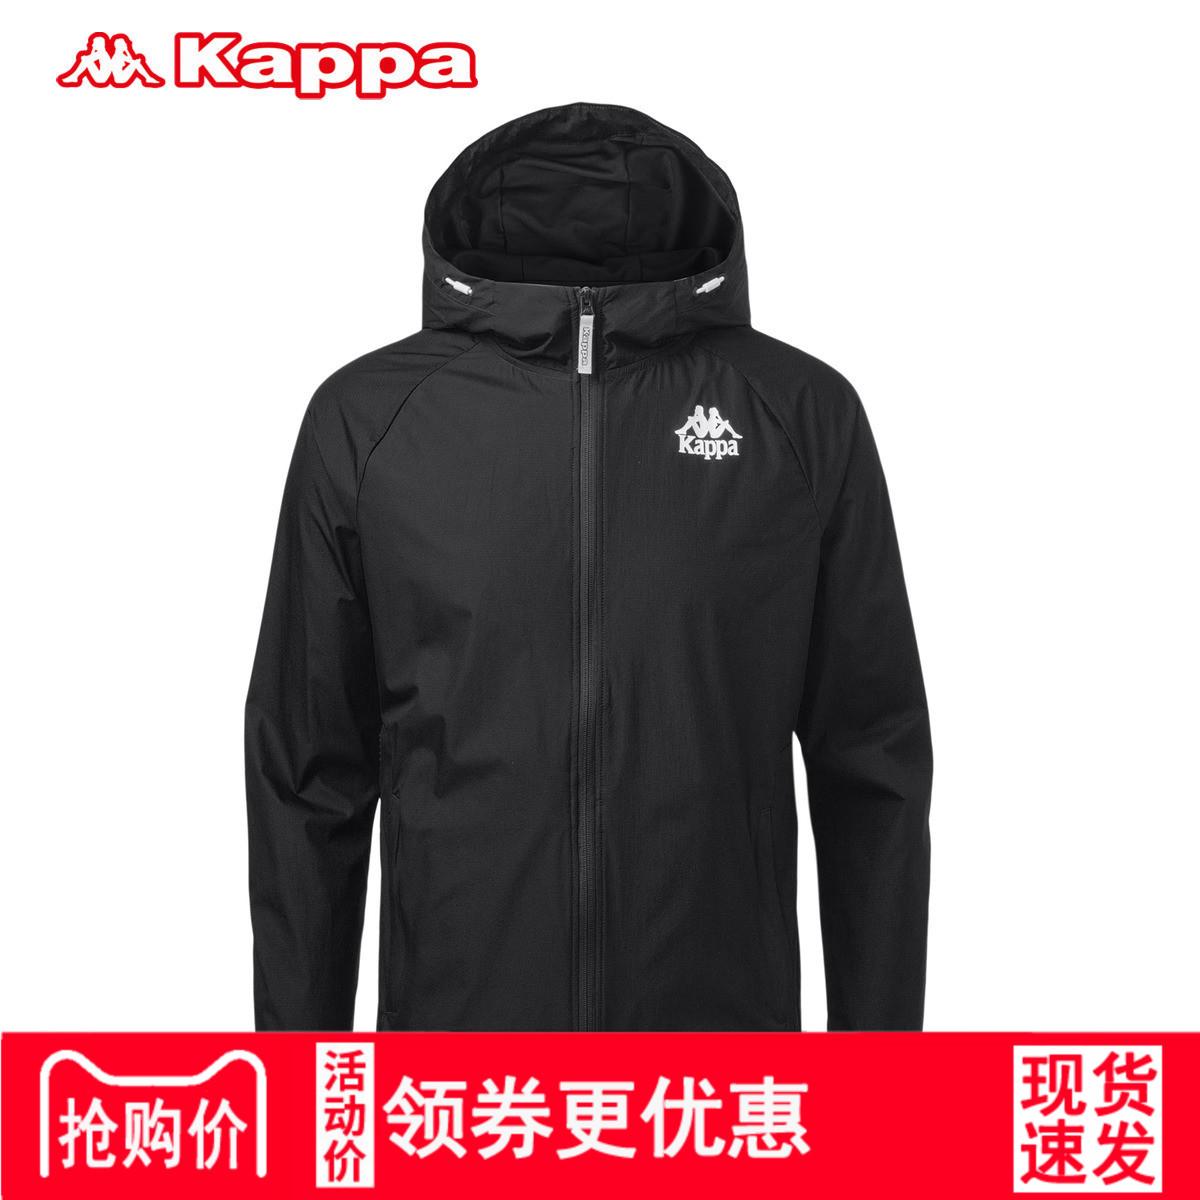 Kappa卡帕男装外套连帽时尚卫衣 防风衣运动服2018新款K0815FJ50D